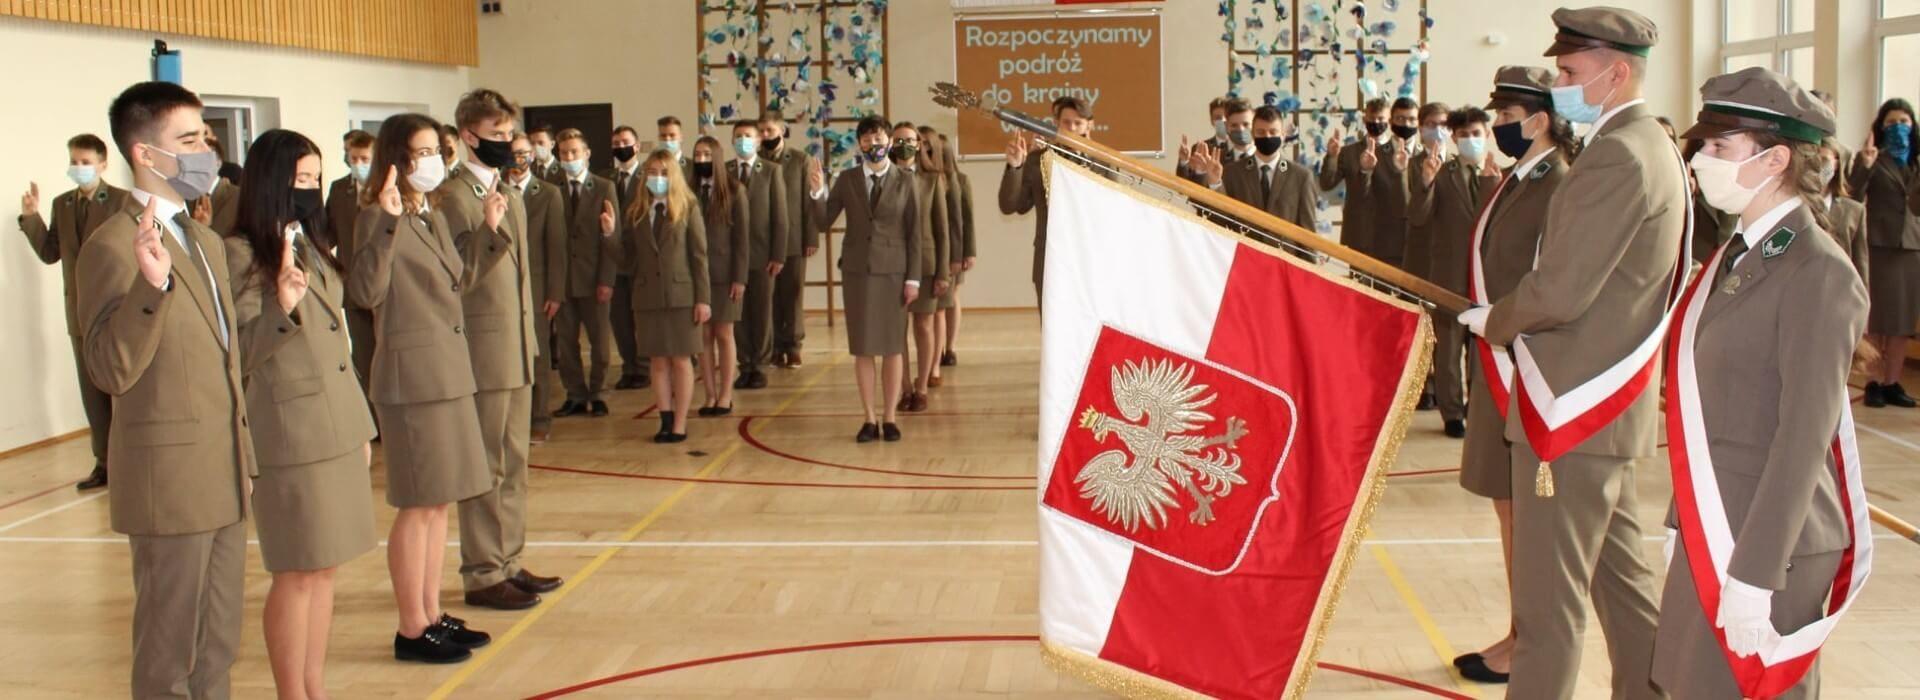 Uroczystości szkolne - ślubowanie klas pierwszych